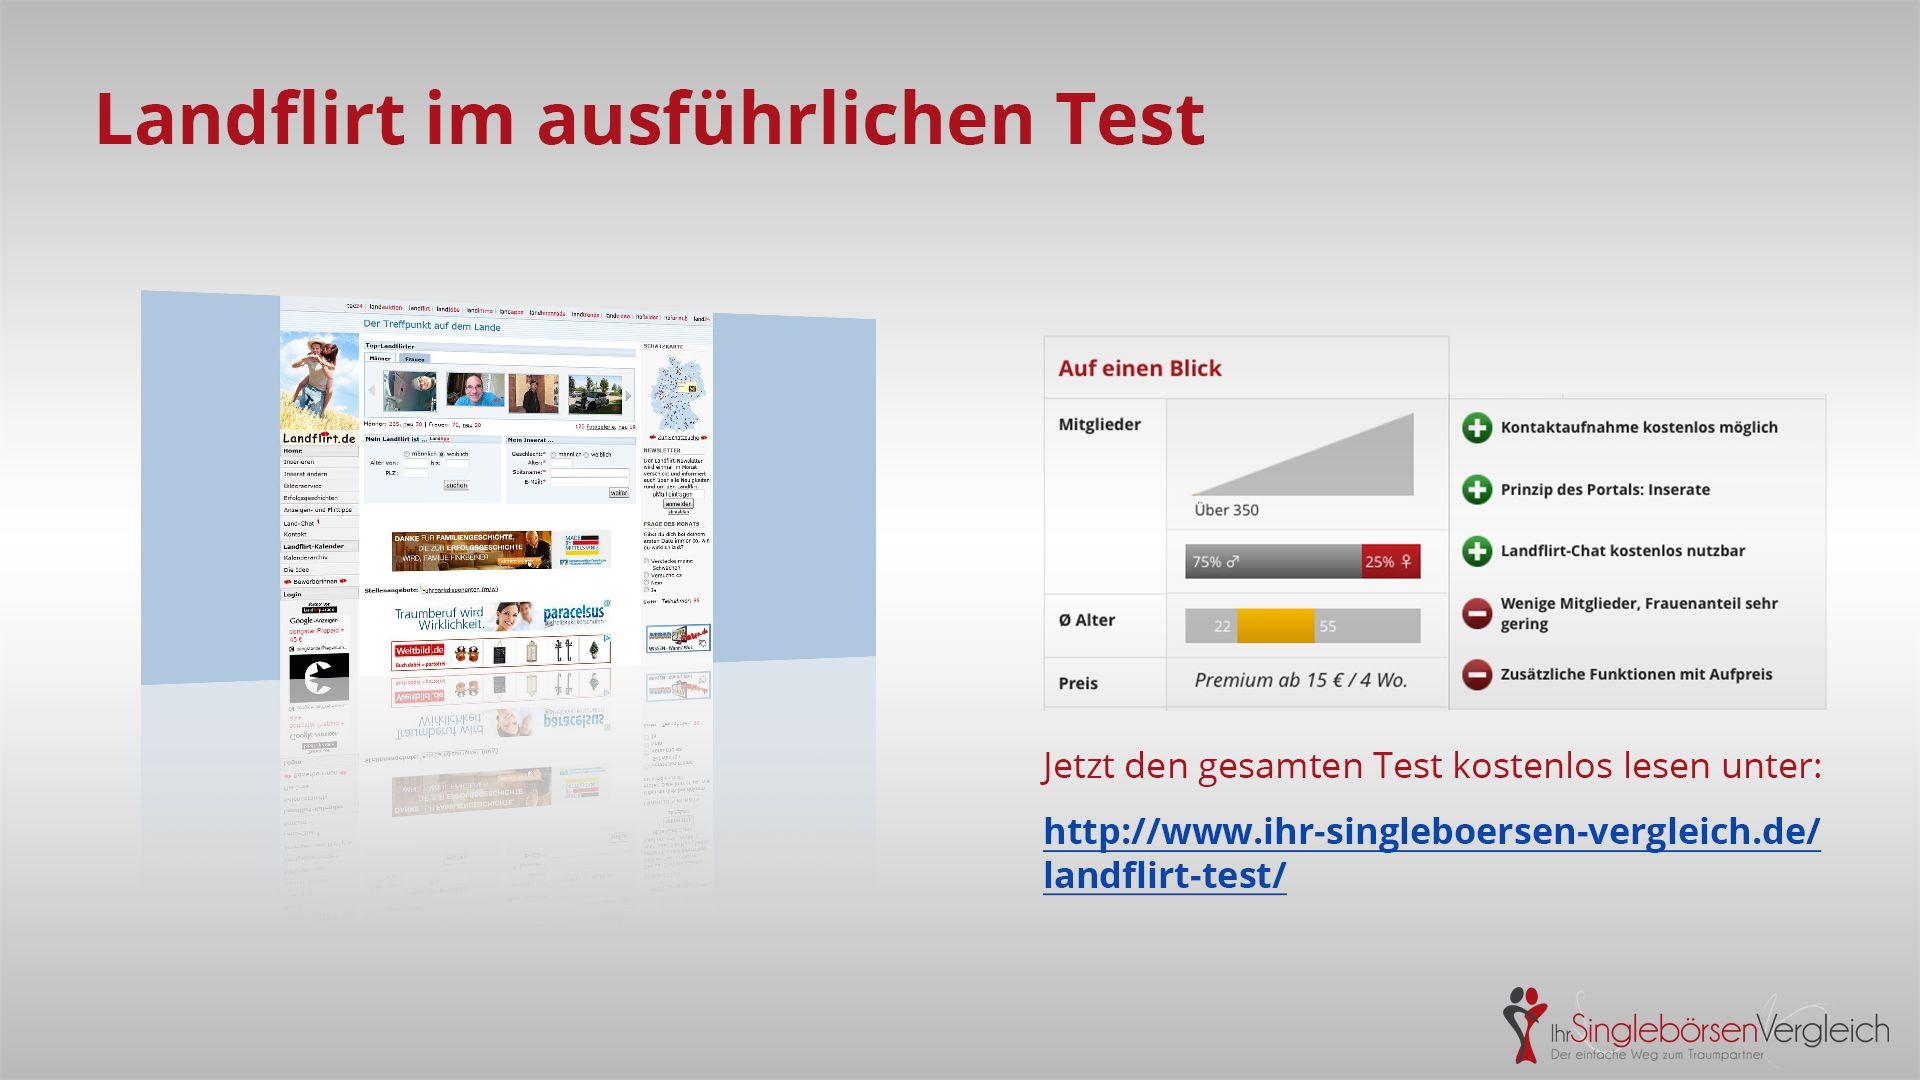 http://www.ihr-singleboersen-vergleich.de/landflirt-test/ Landflirt - der Treffpunkt auf dem Lande. Über Inserate Gleichgesinnte finden...